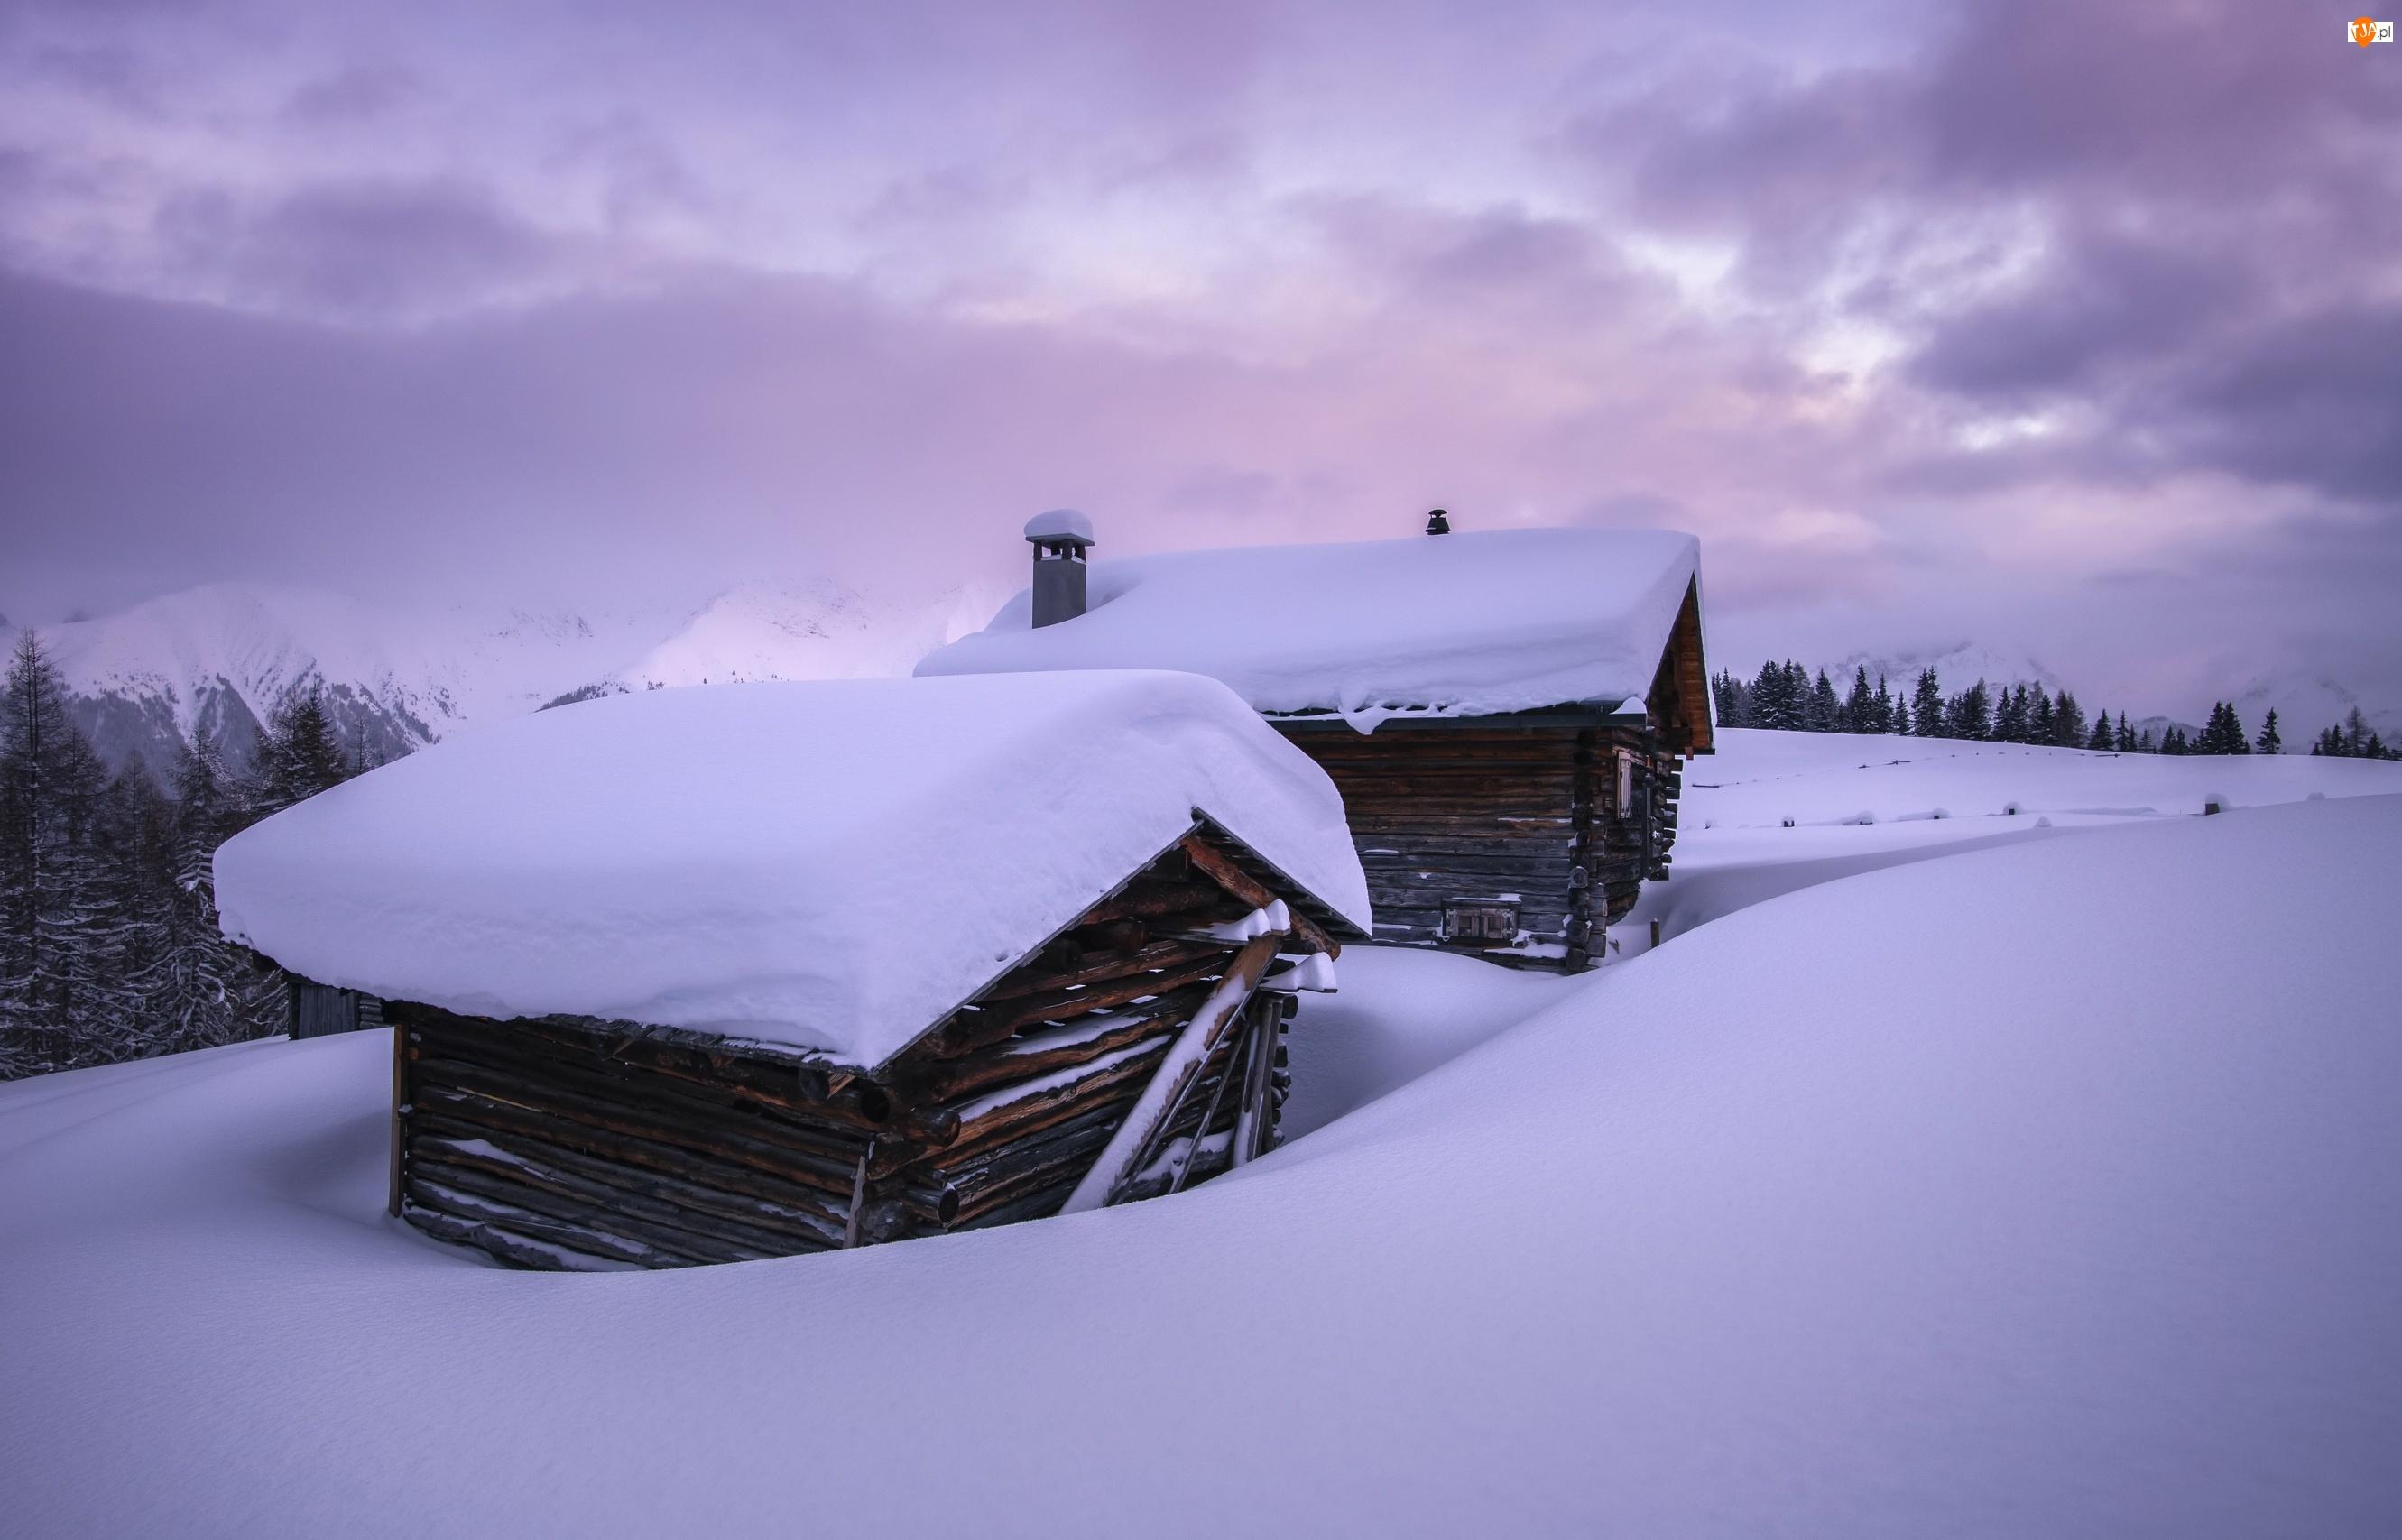 Drewniane, Domy, Drzewa, Zima, Góry, Dachy, Zaśnieżone